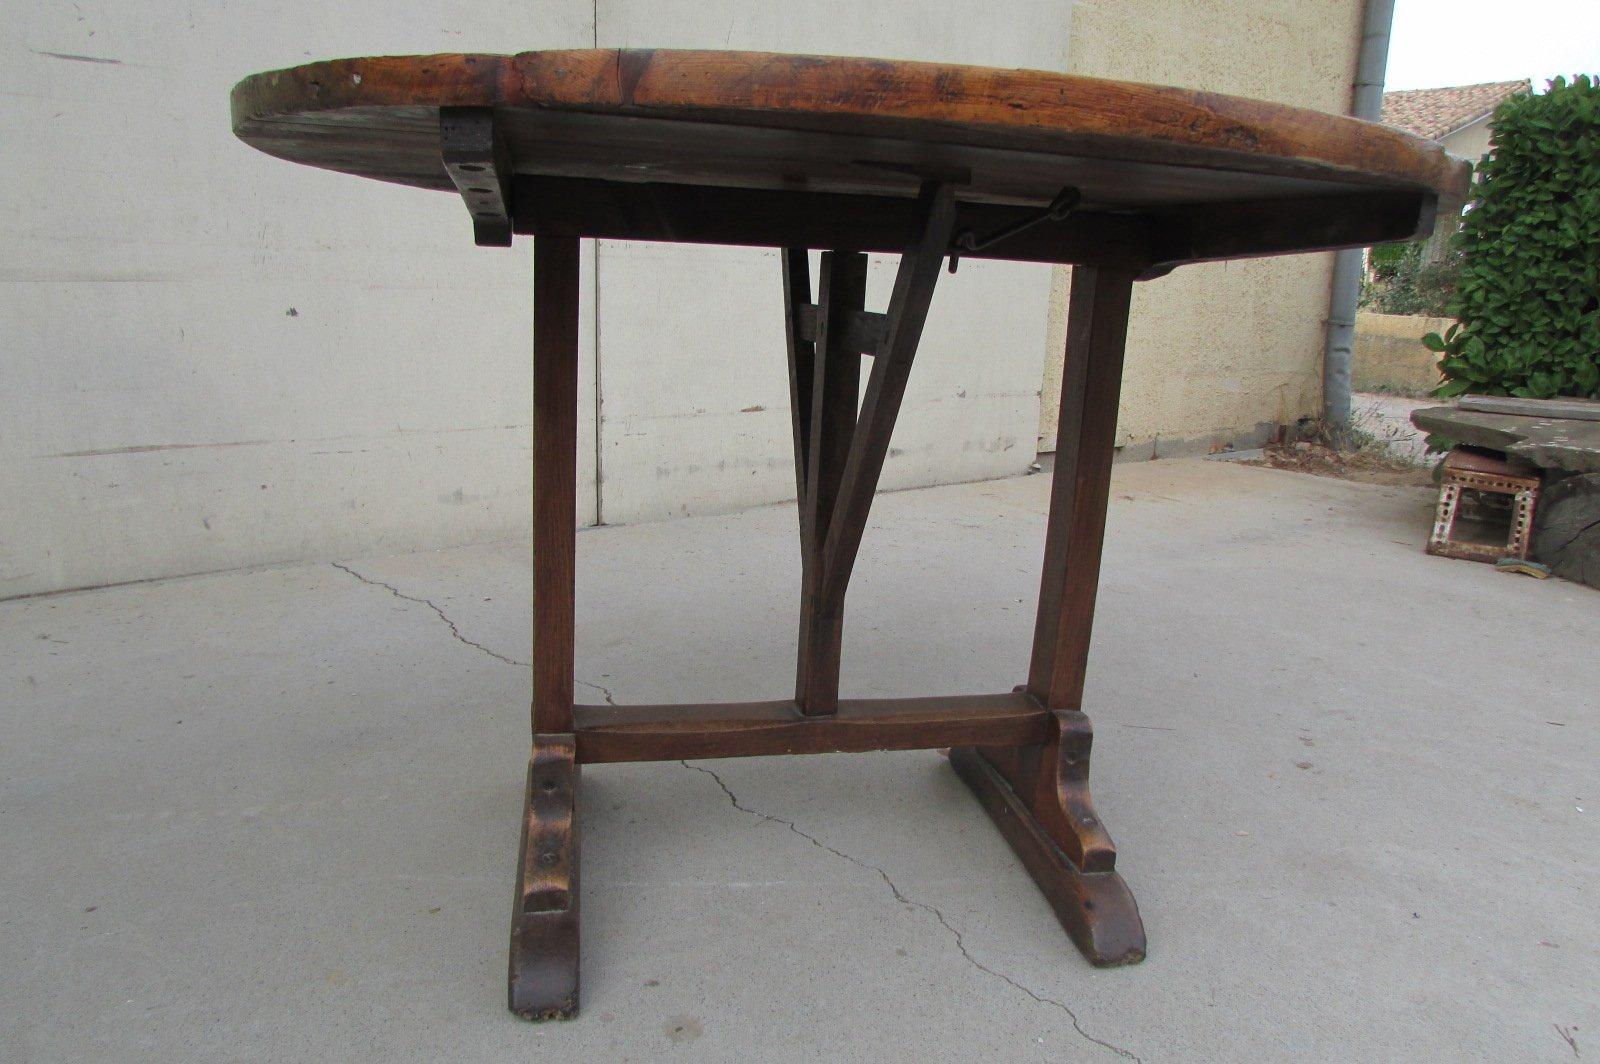 Tavolo rotondo antico, Francia in vendita su Pamono